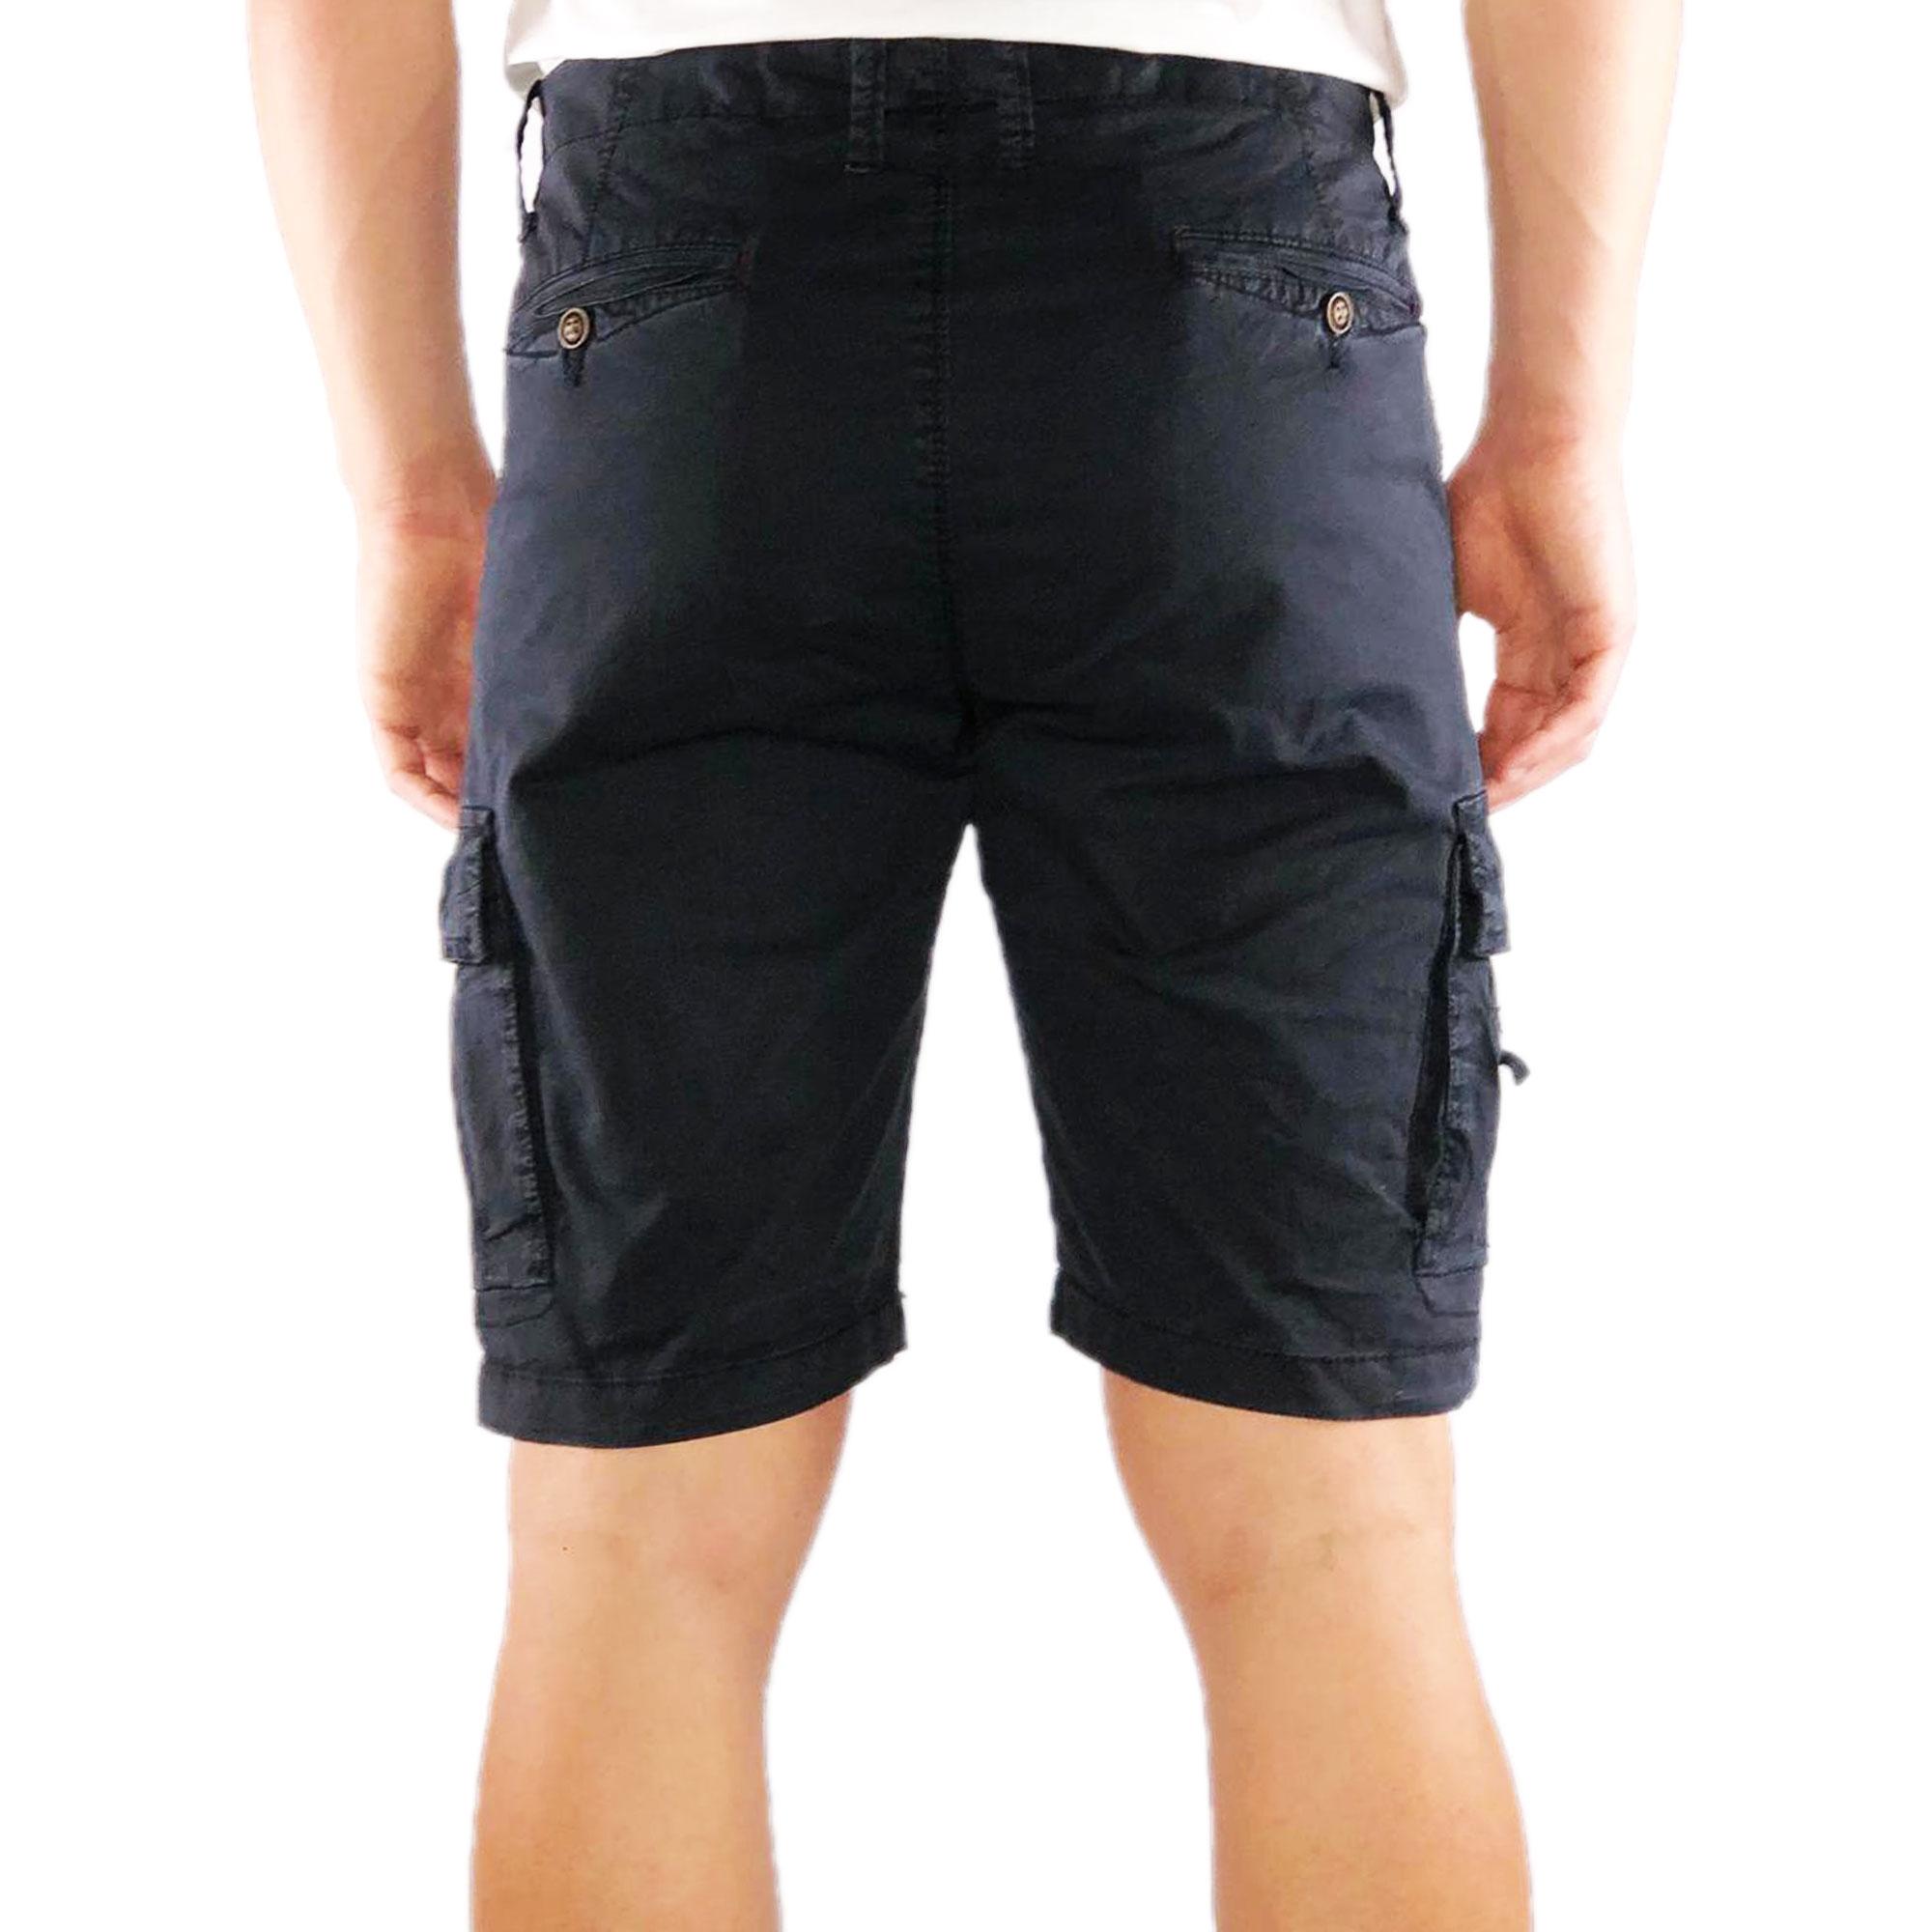 Bermuda-Uomo-Cargo-Cotone-Pantalone-Corto-Jeans-Tasconi-Laterali-Shorts-Casual miniatura 4